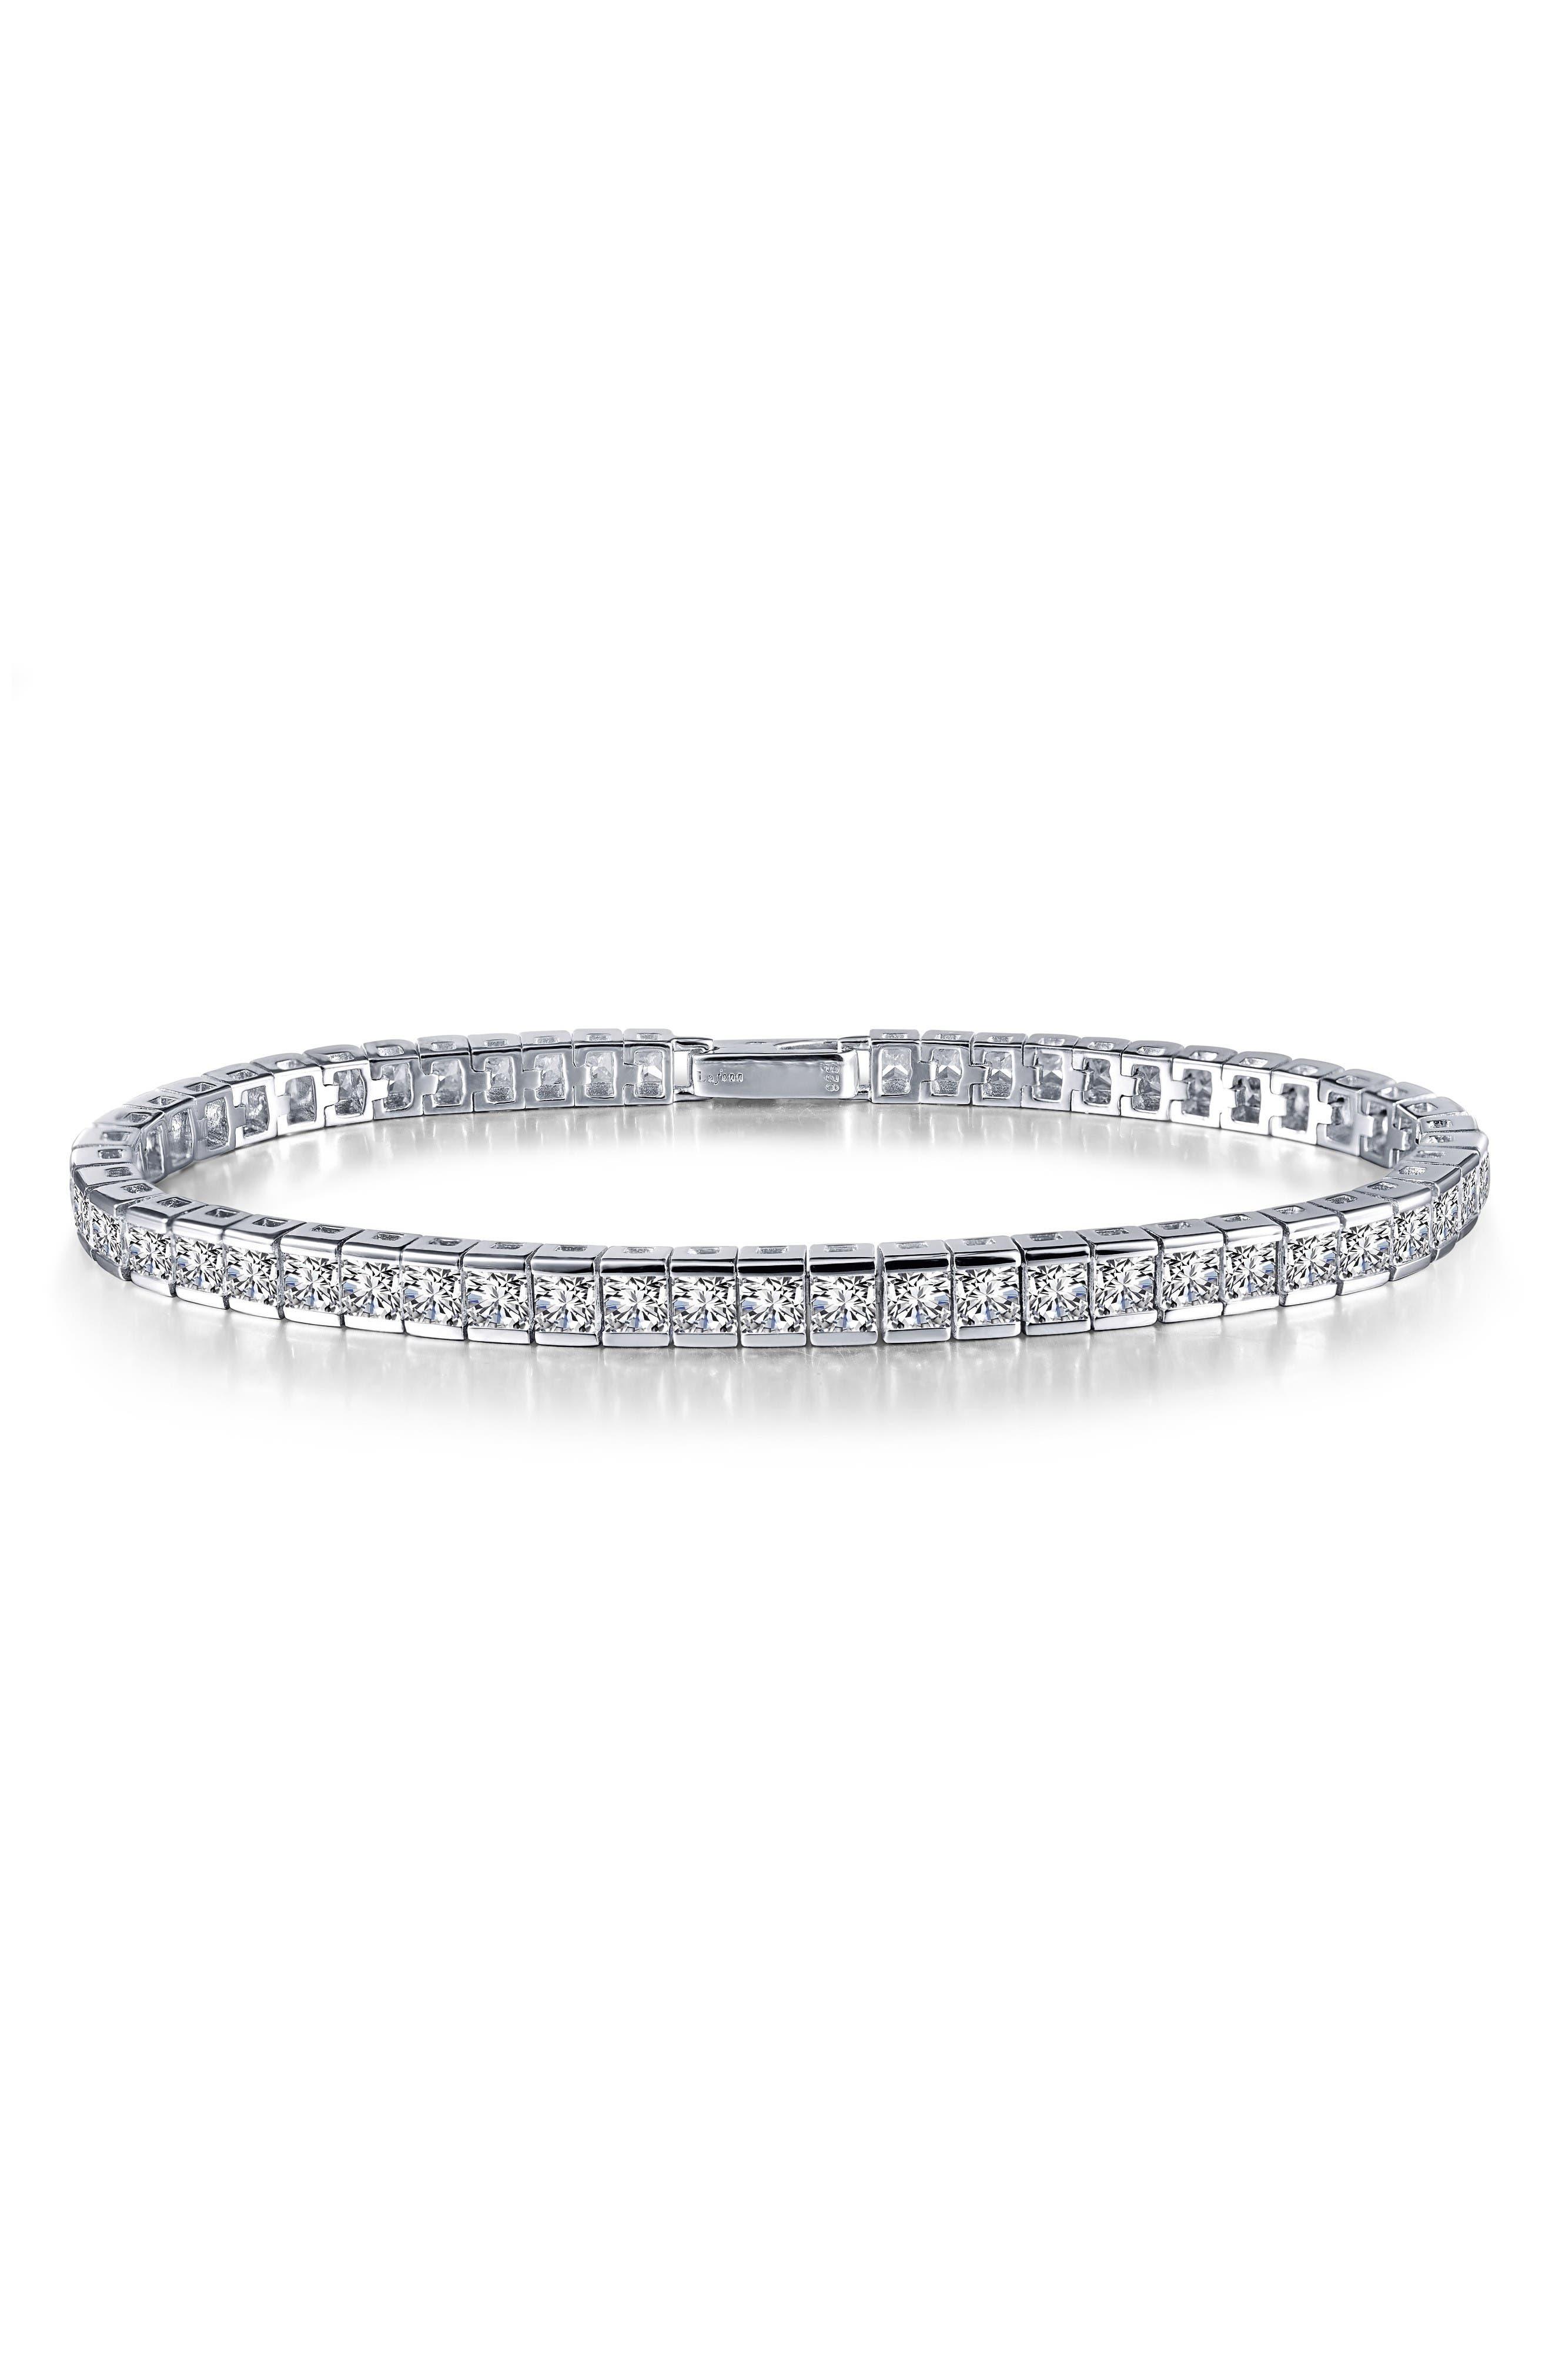 Lafonn Princess Cut Tennis Bracelet